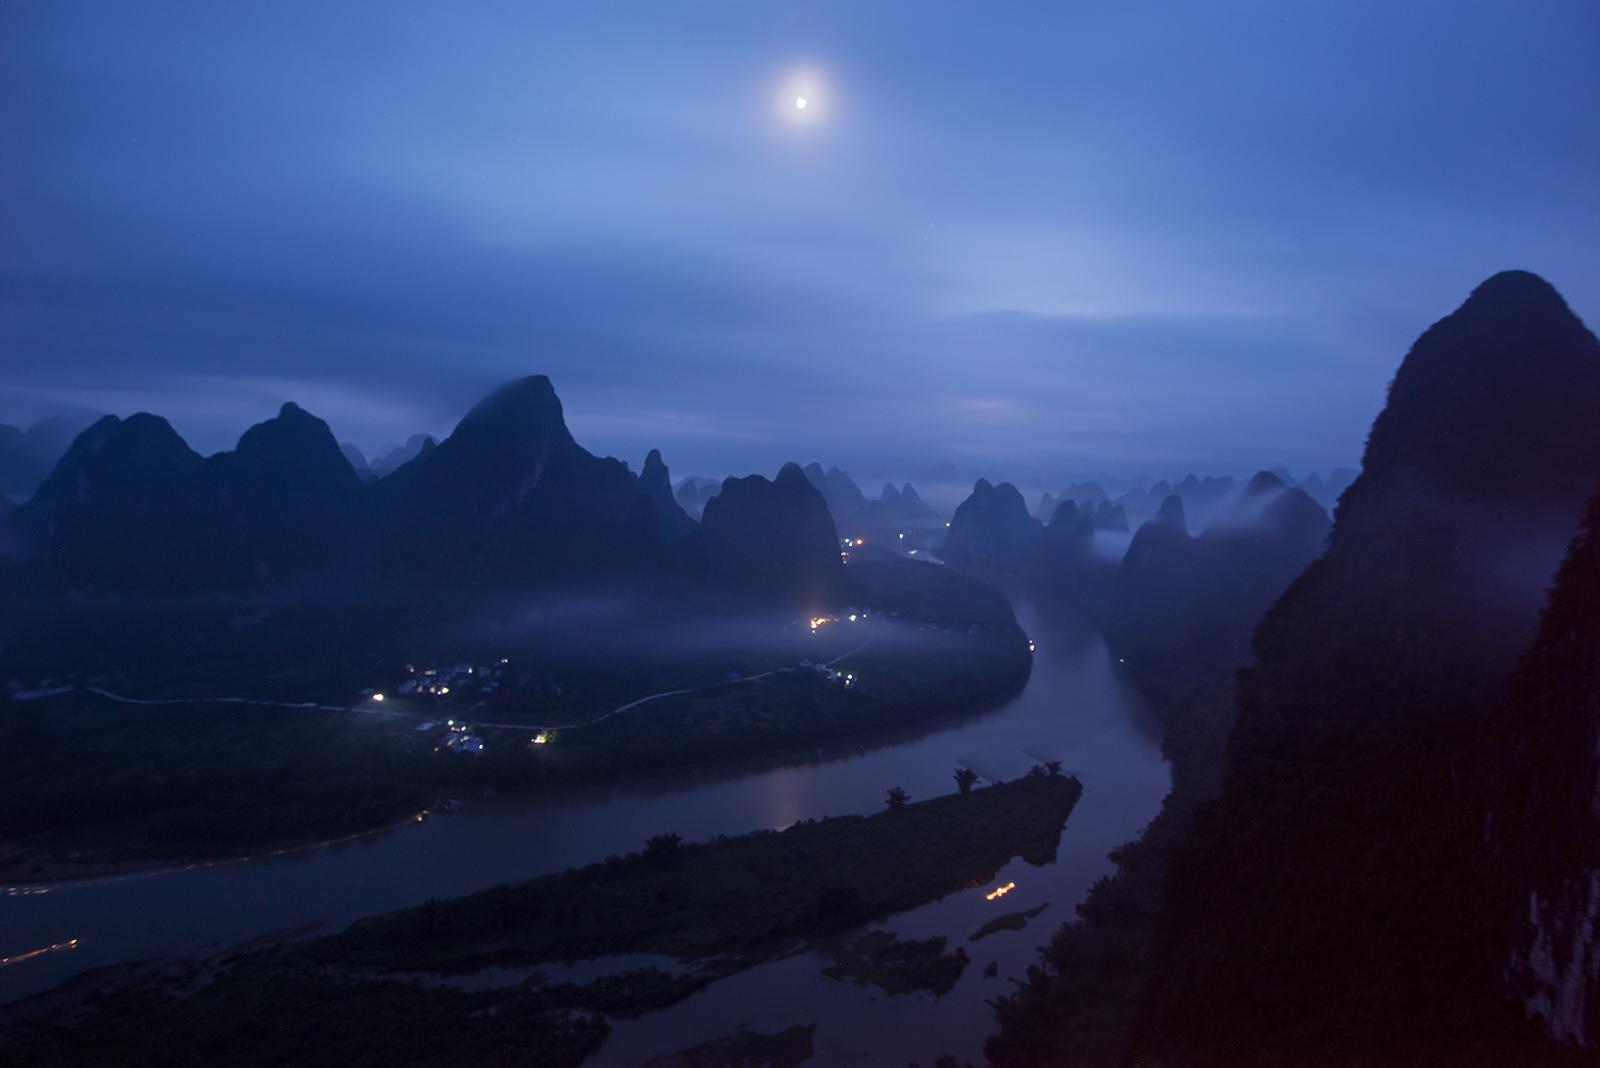 如风0758作品:《迷离的漓江》